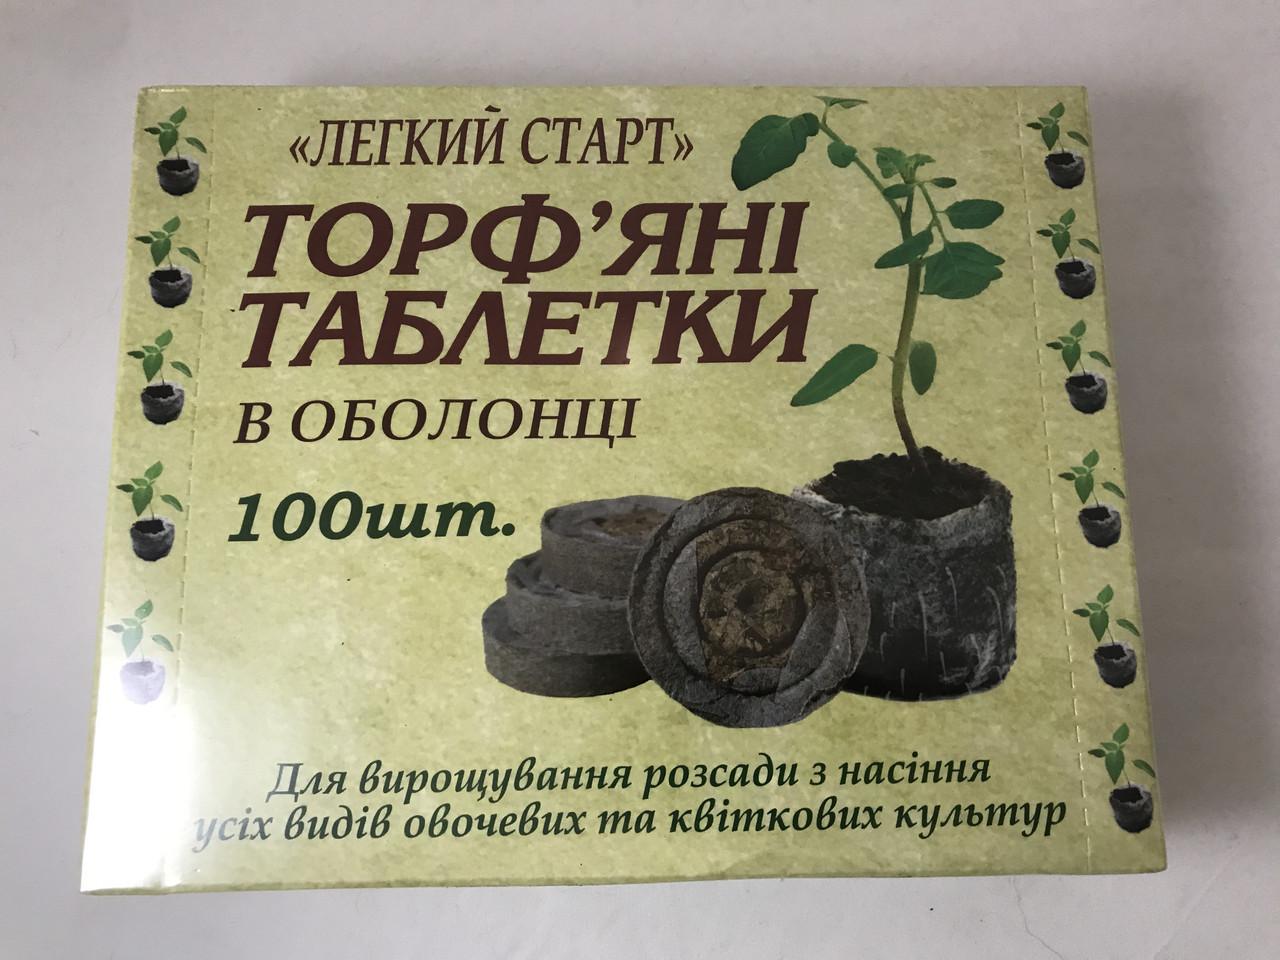 Торфяные таблетки  41 мм  пр-ль Украина 853789